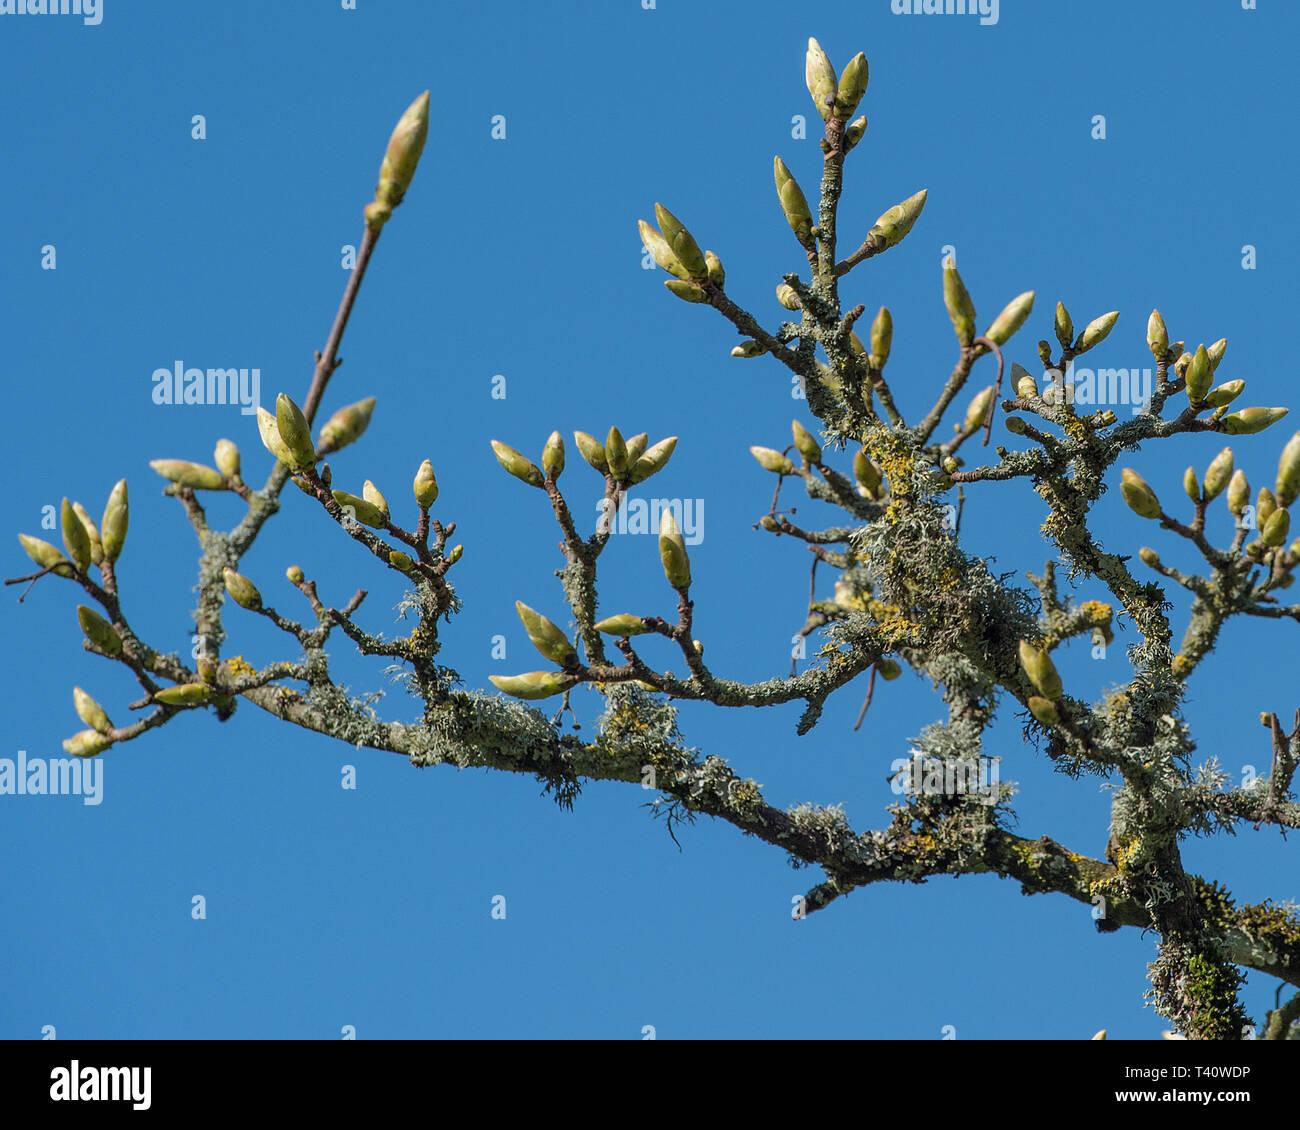 Arbre généalogique de cendres au printemps en herbe Photo Stock